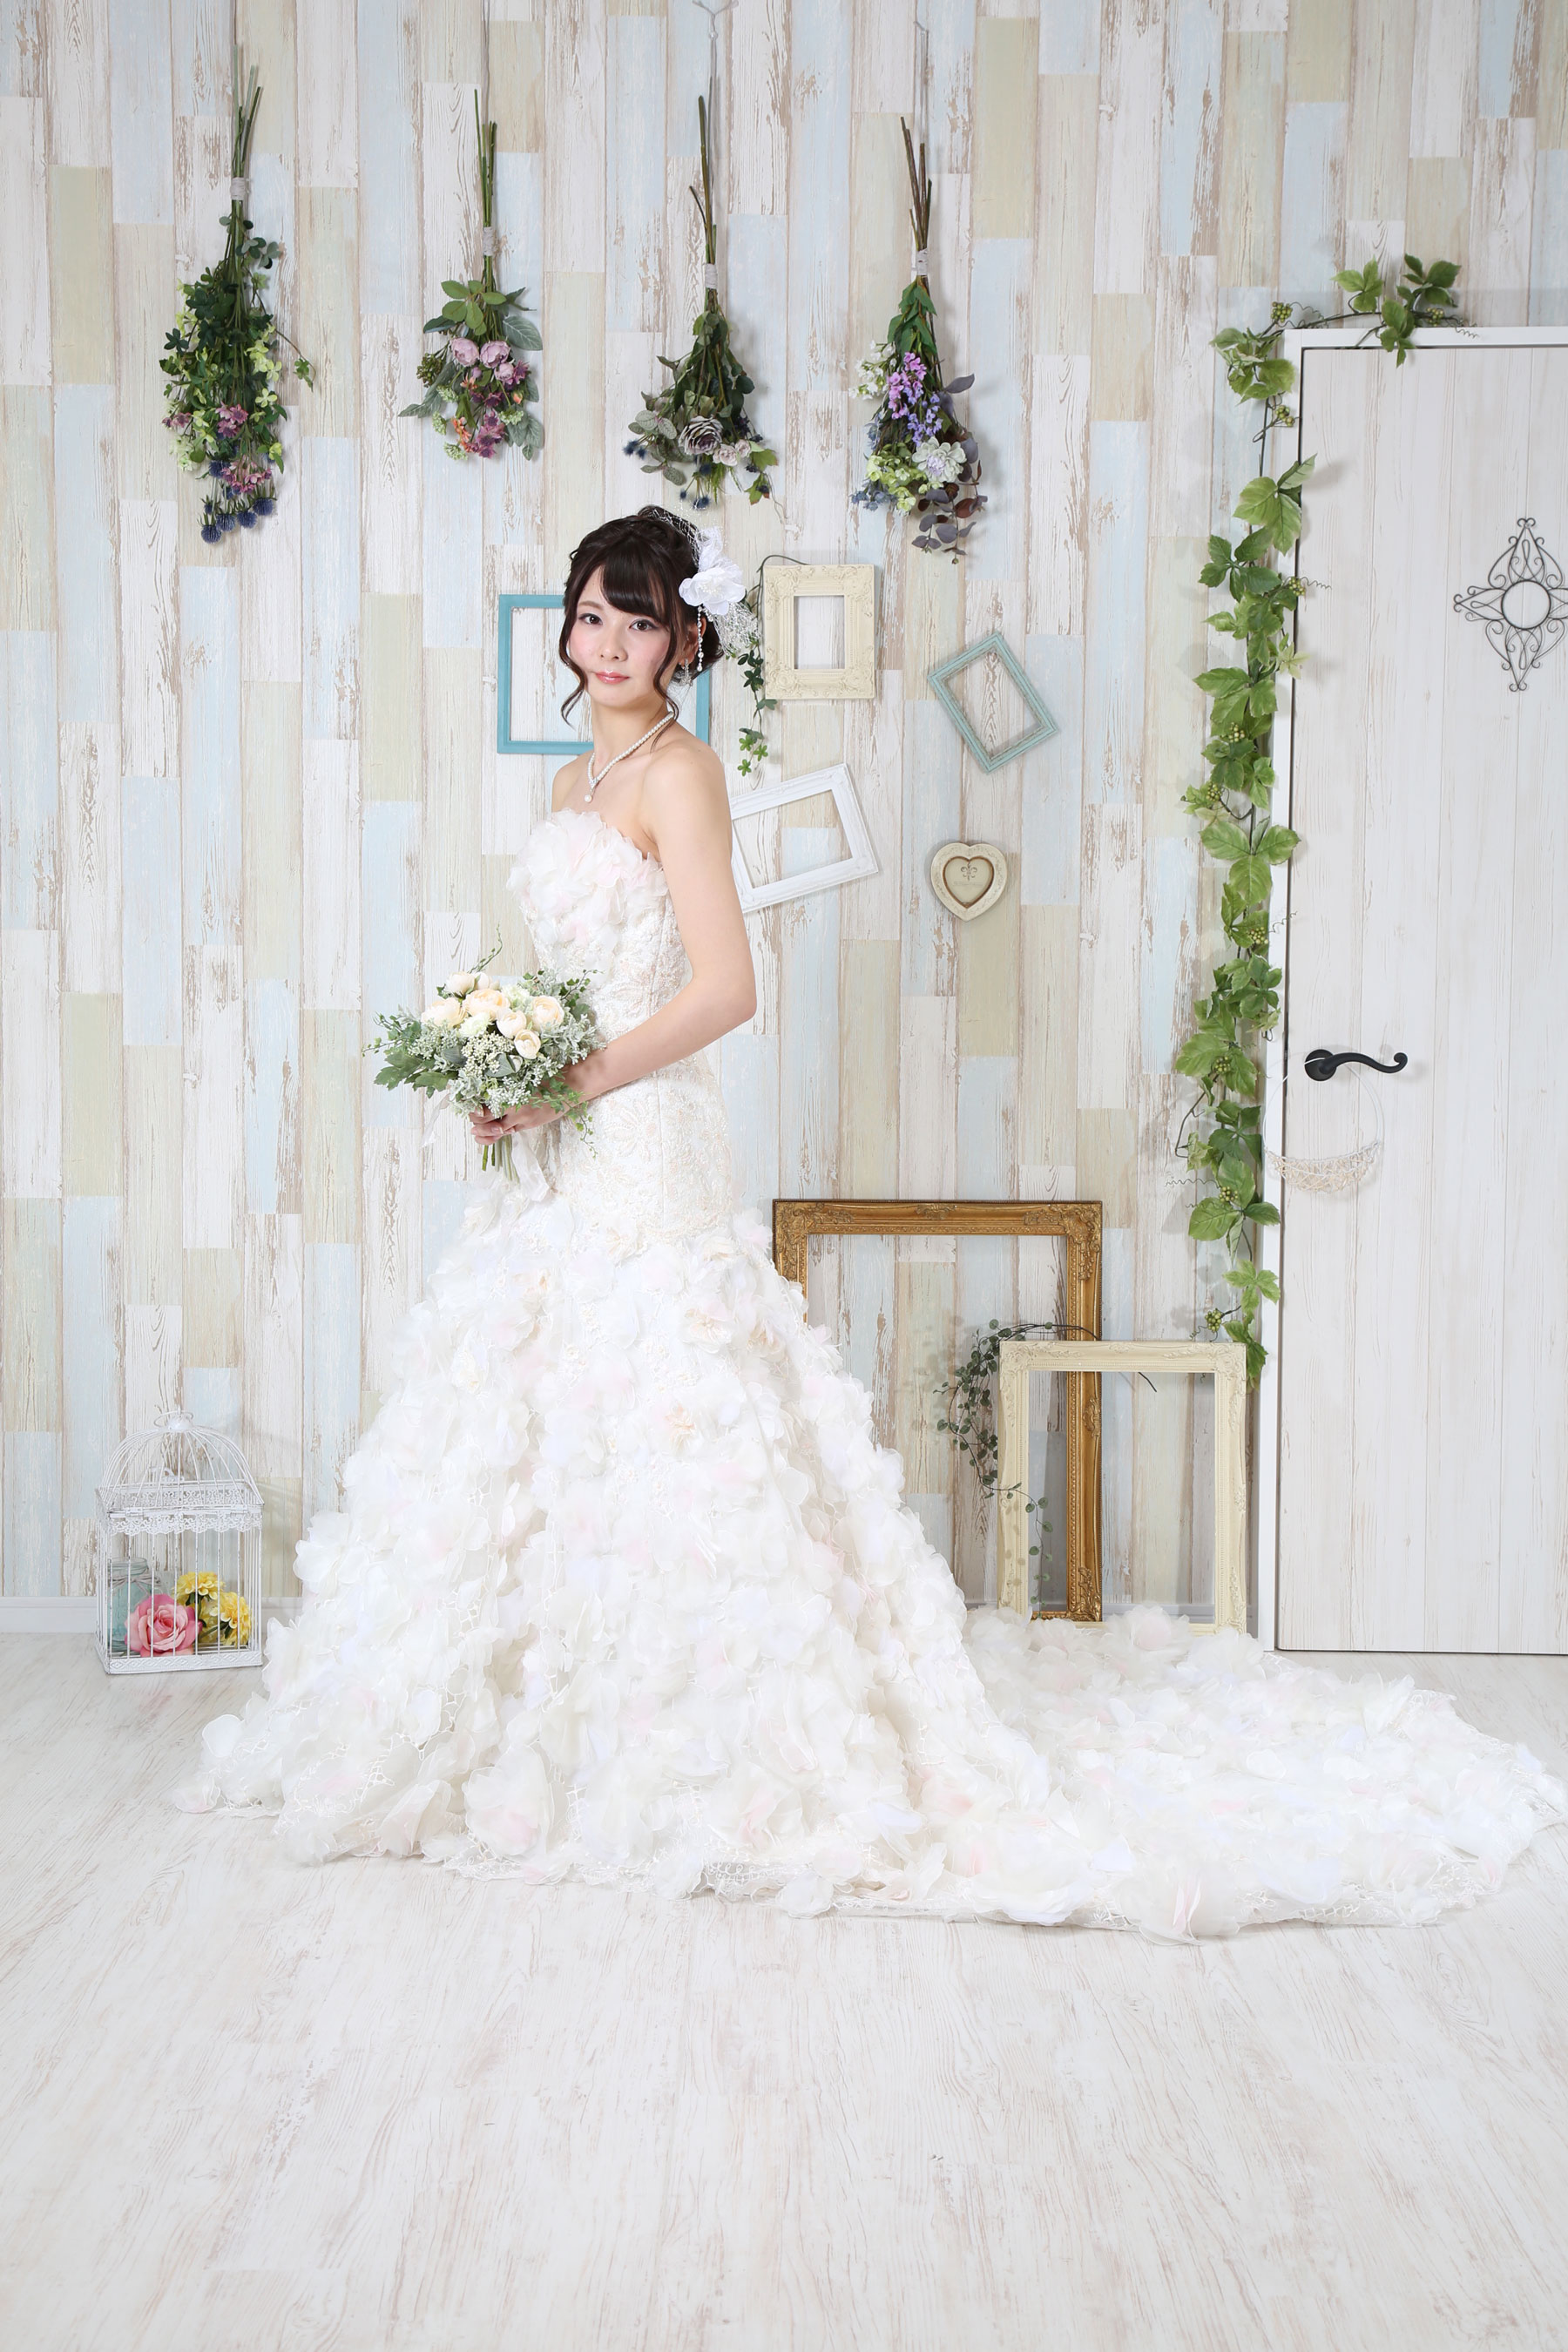 ★20180211-ドレス衣装撮影_149